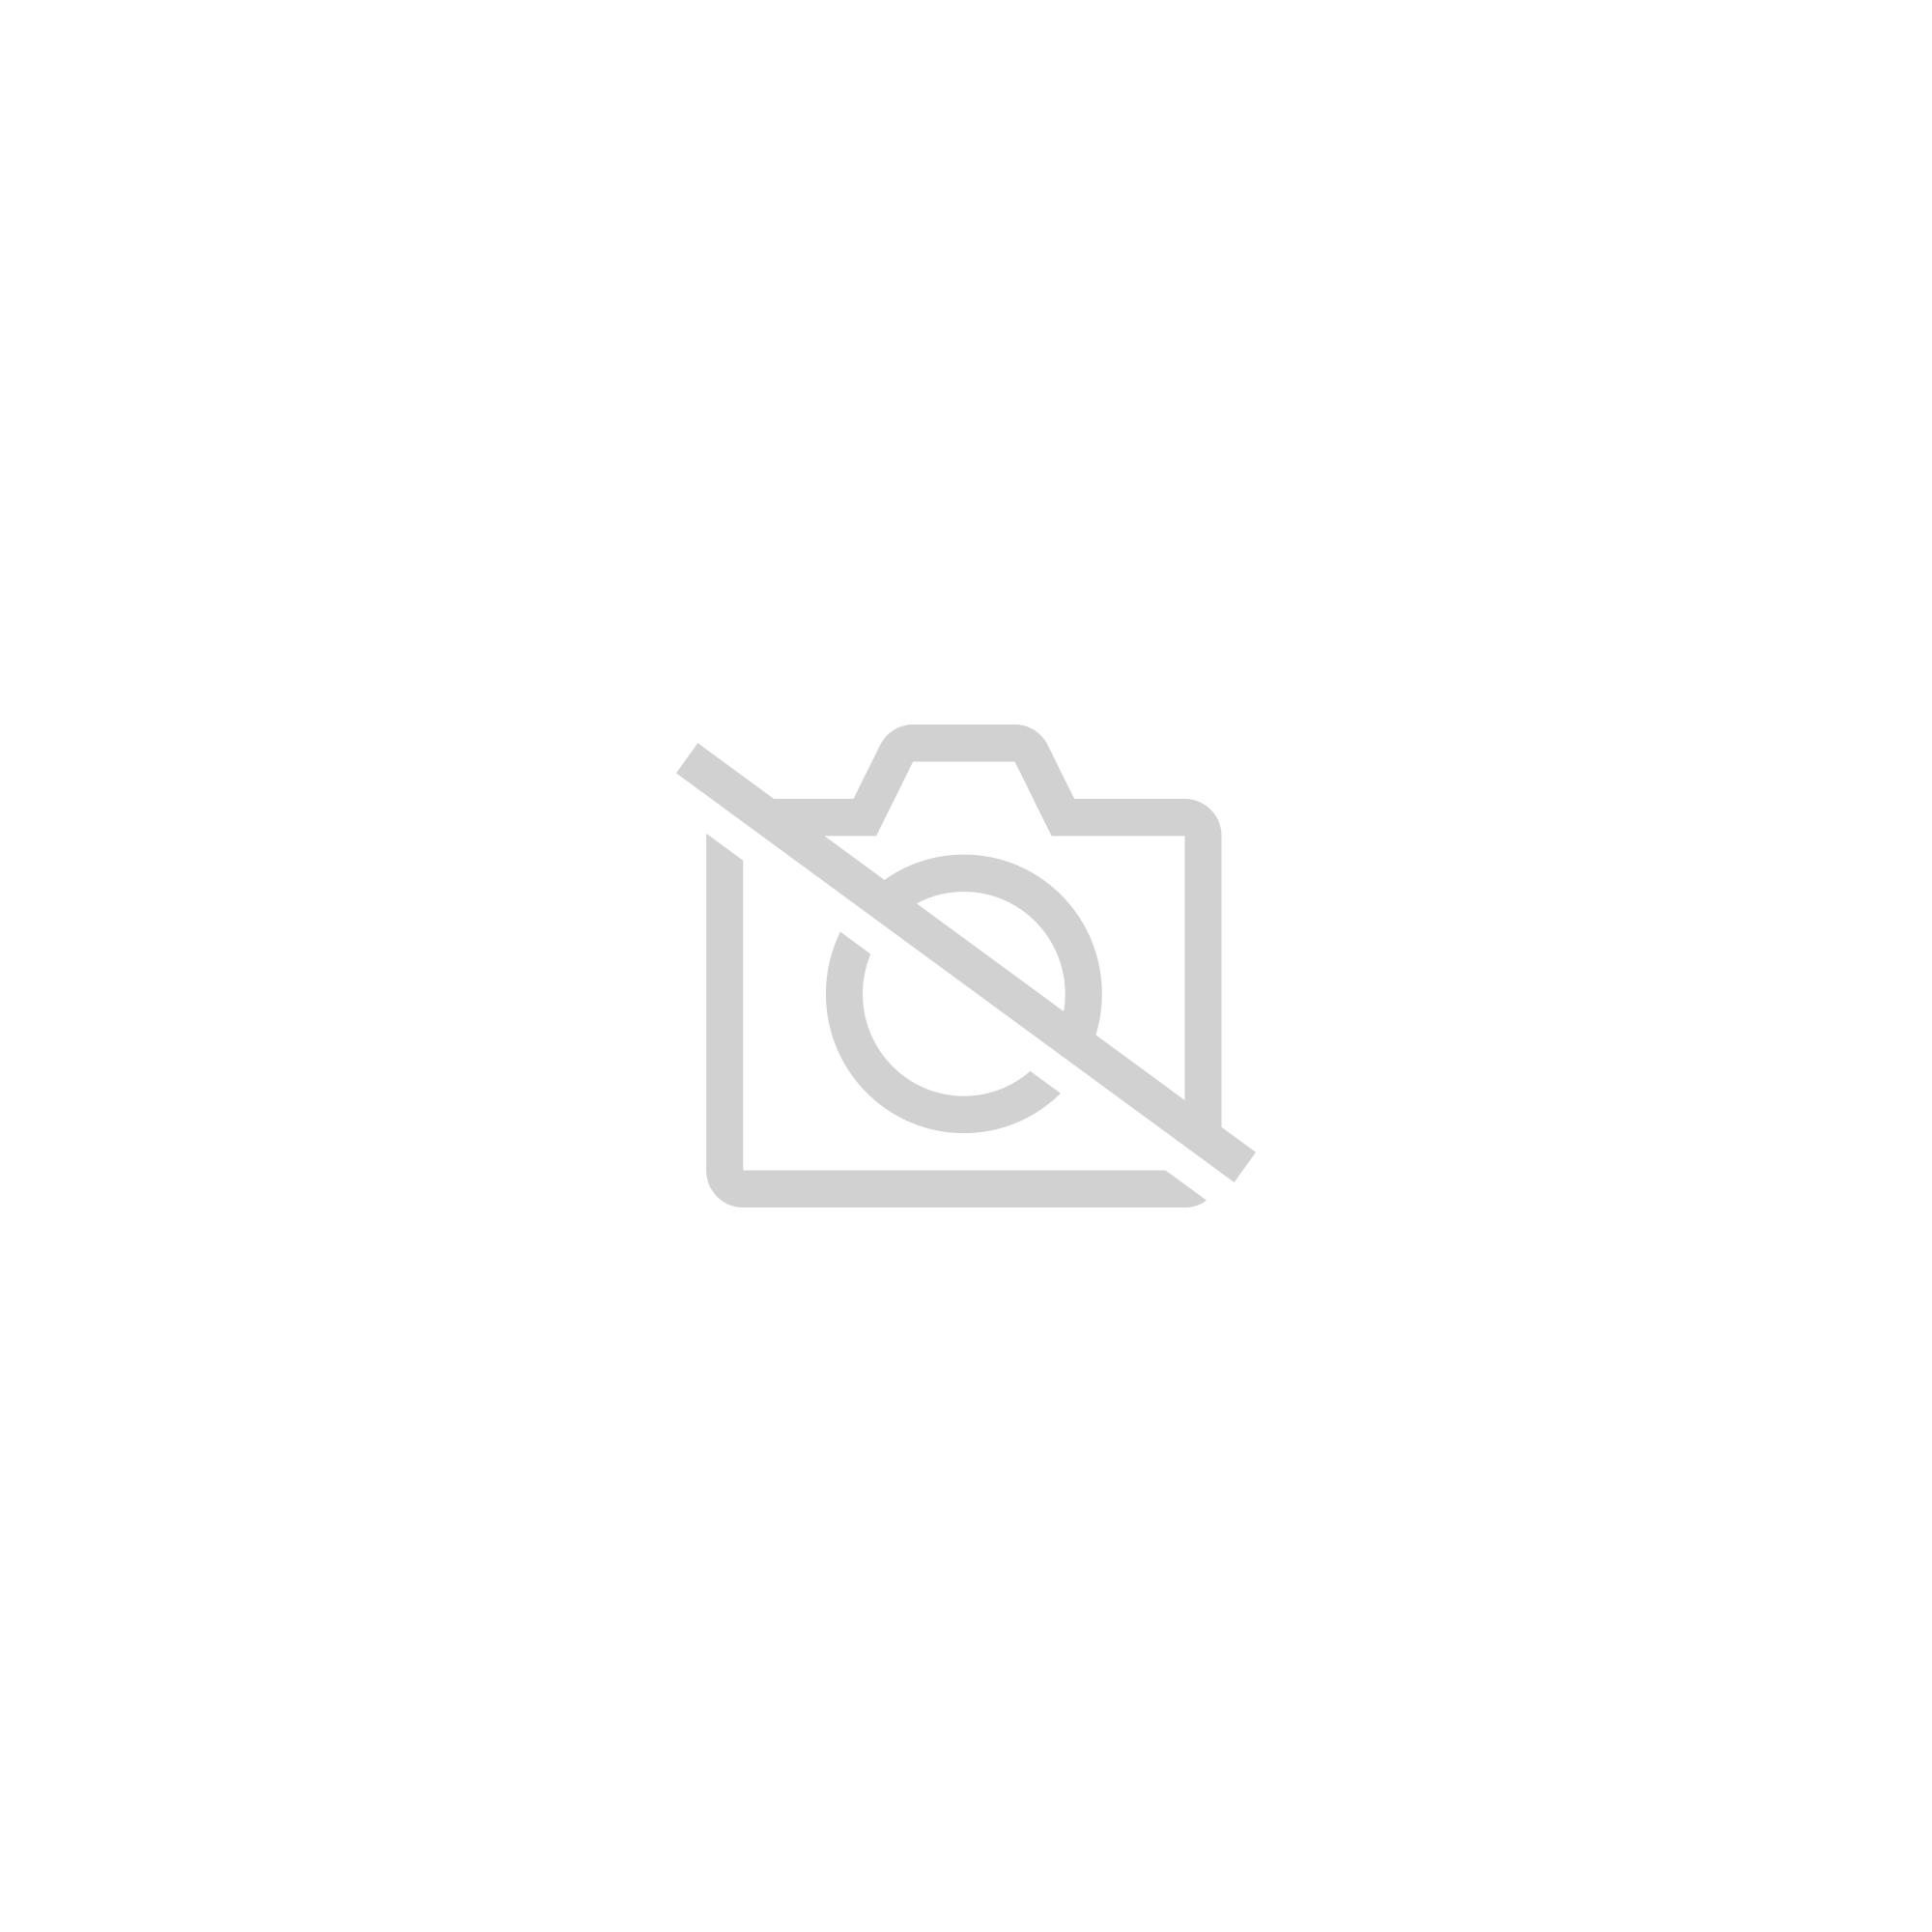 Coussinets: plaie et entretien - Page 8 1187528542